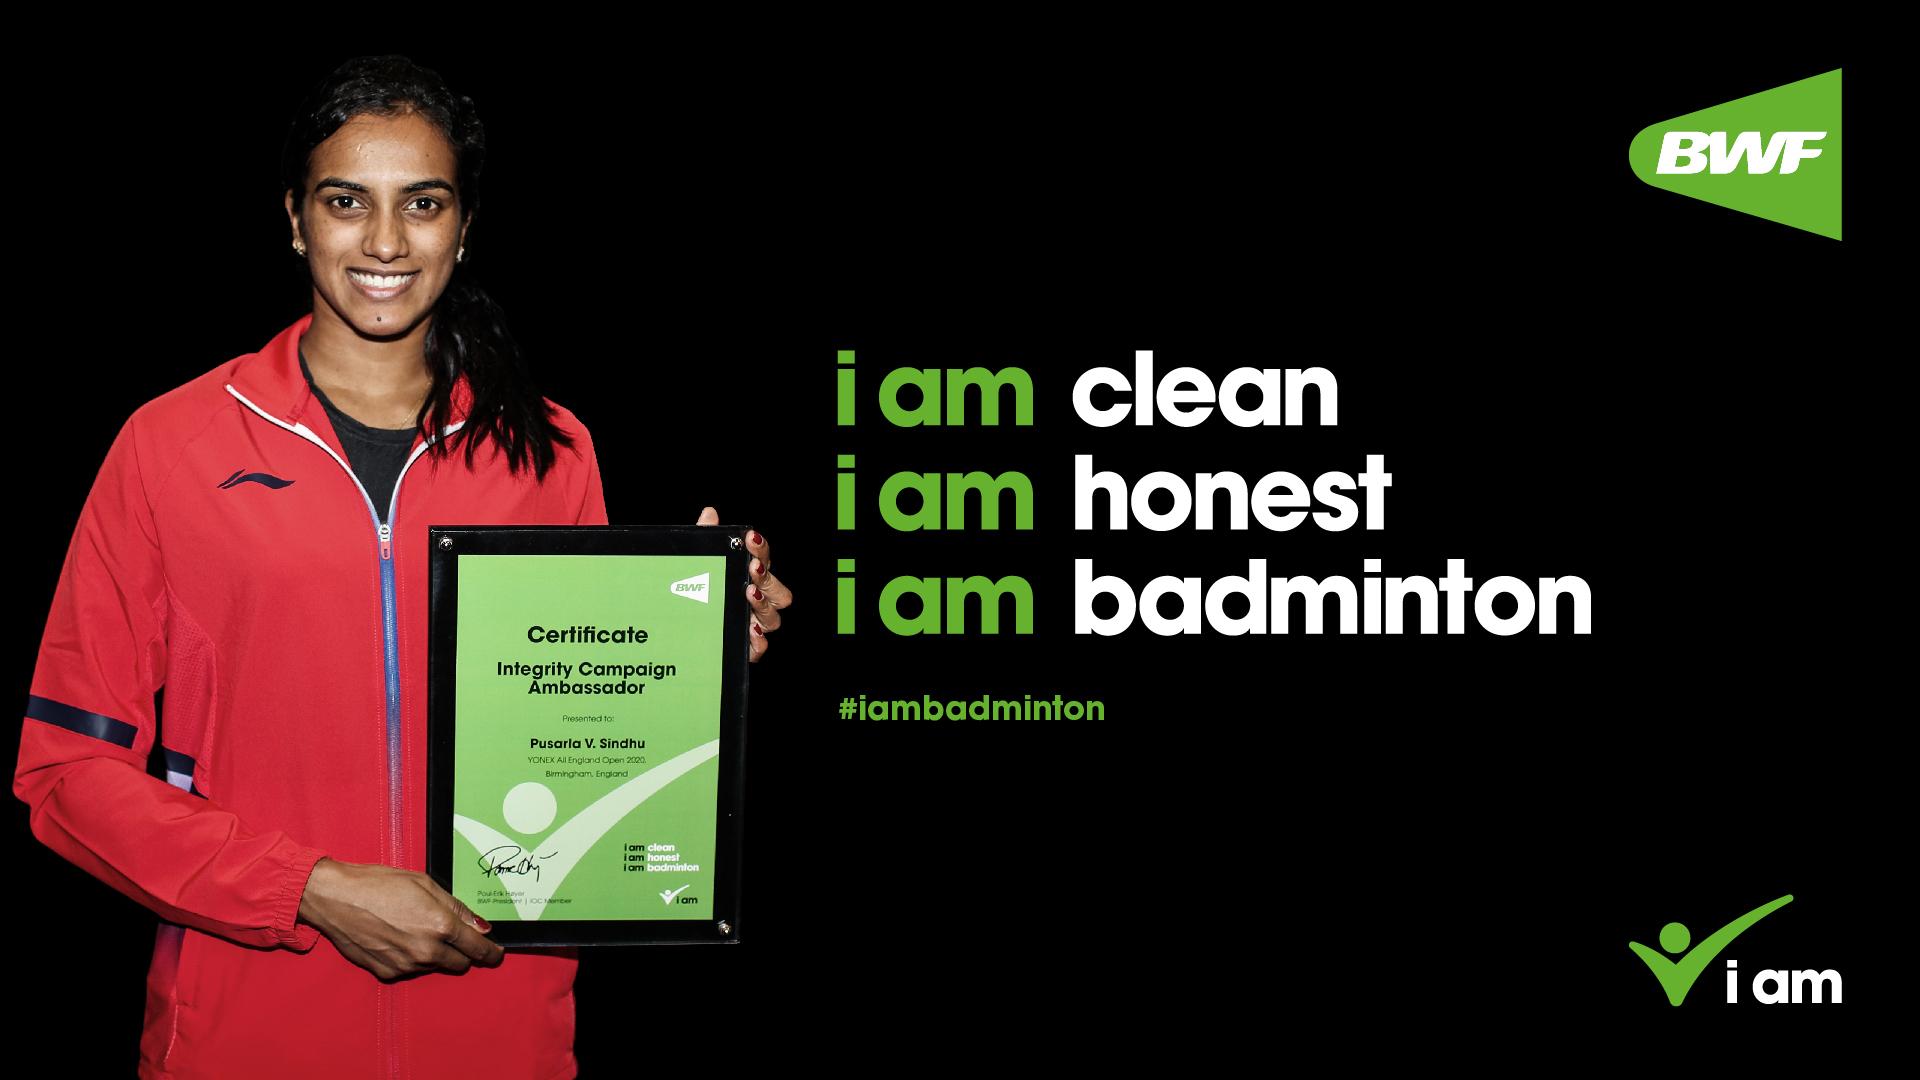 世界羽联推出'我是羽毛球'活动新大使 雅思入选